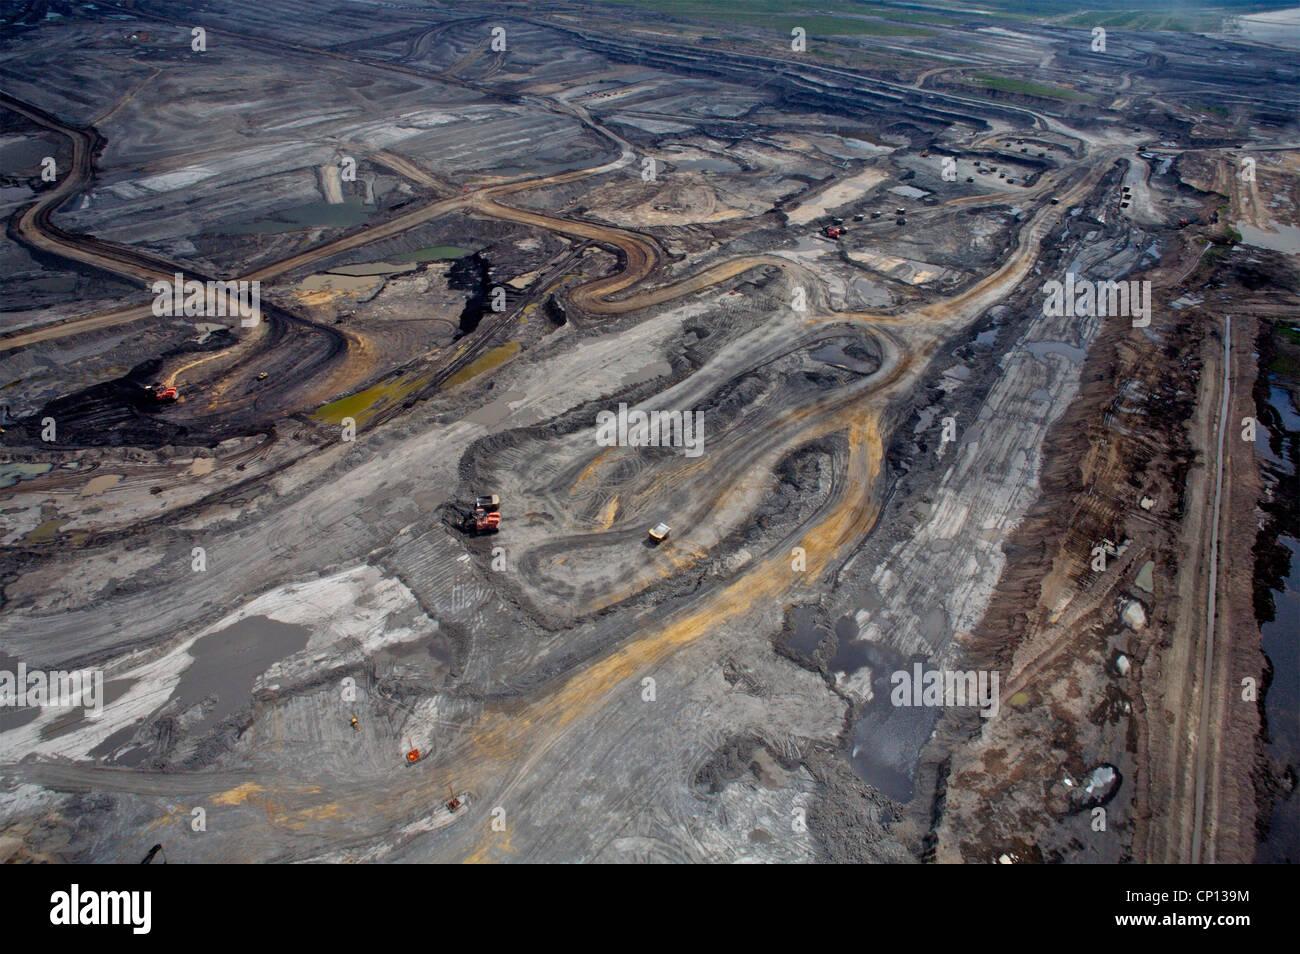 Suncor tar sands mine, Athabasca tar sands, Fort McMurray, Alberta, Canada. © Paul Miles - Stock Image